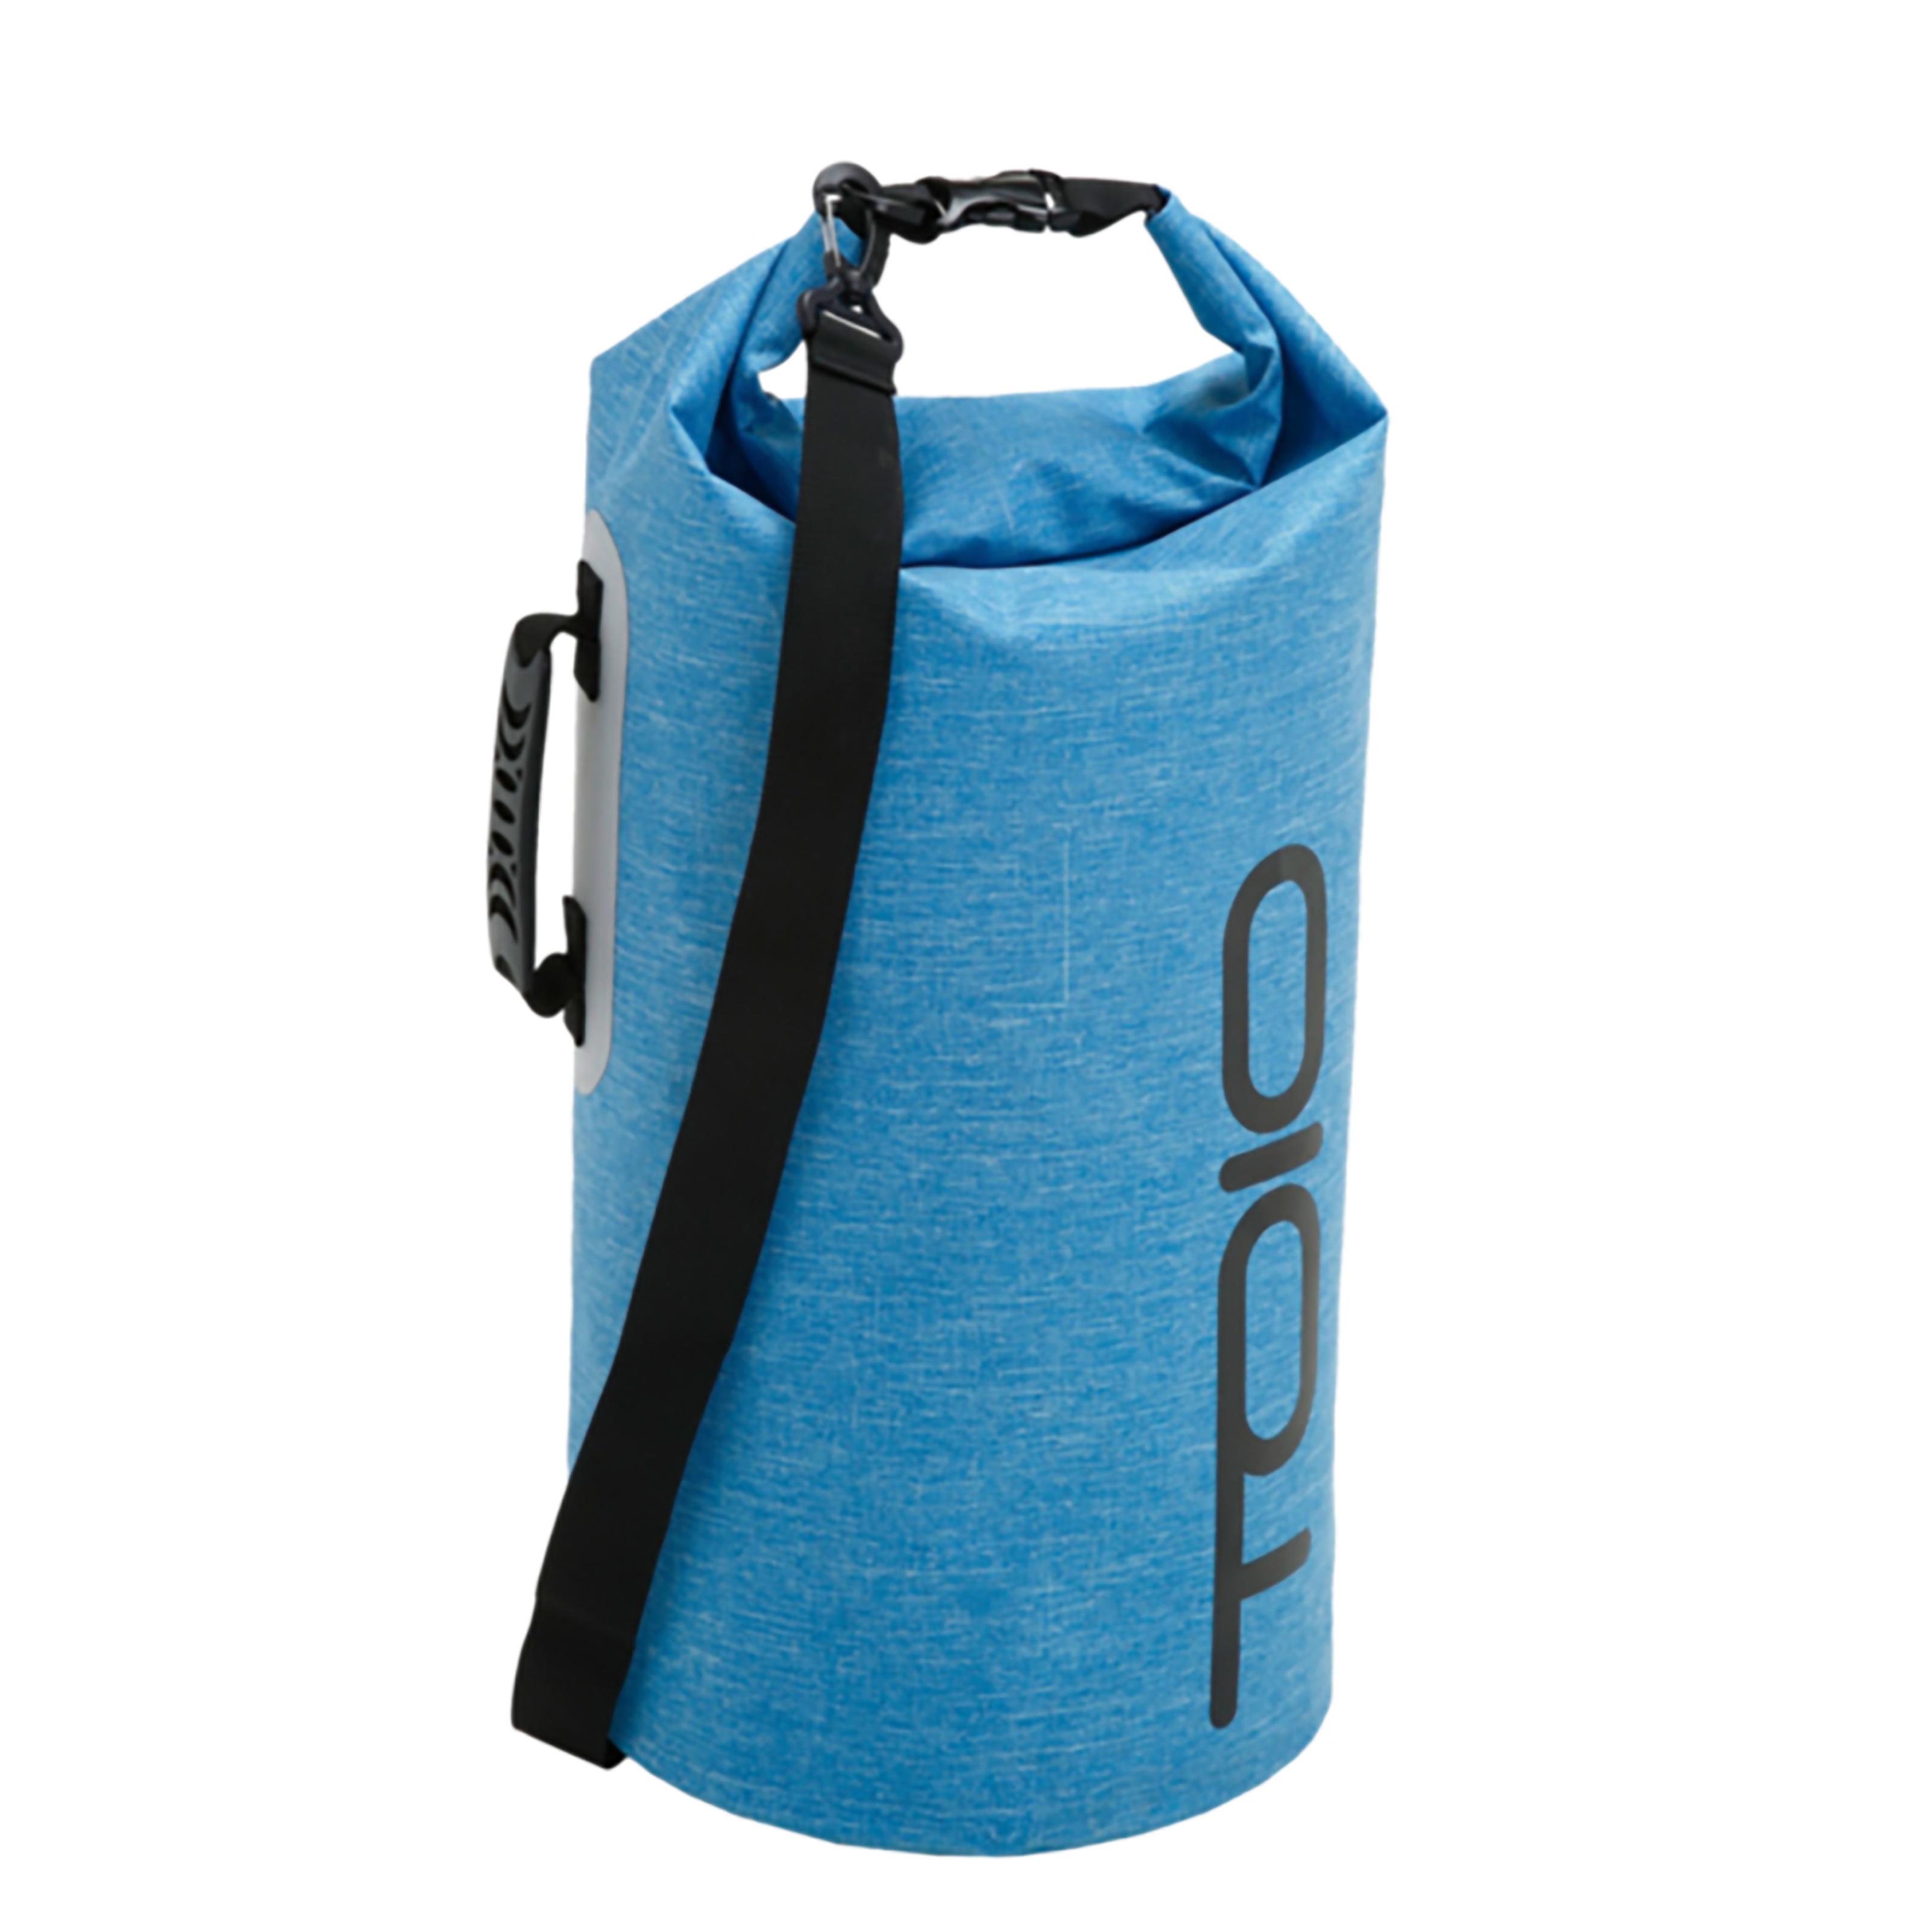 Toio Dry Bag 30L